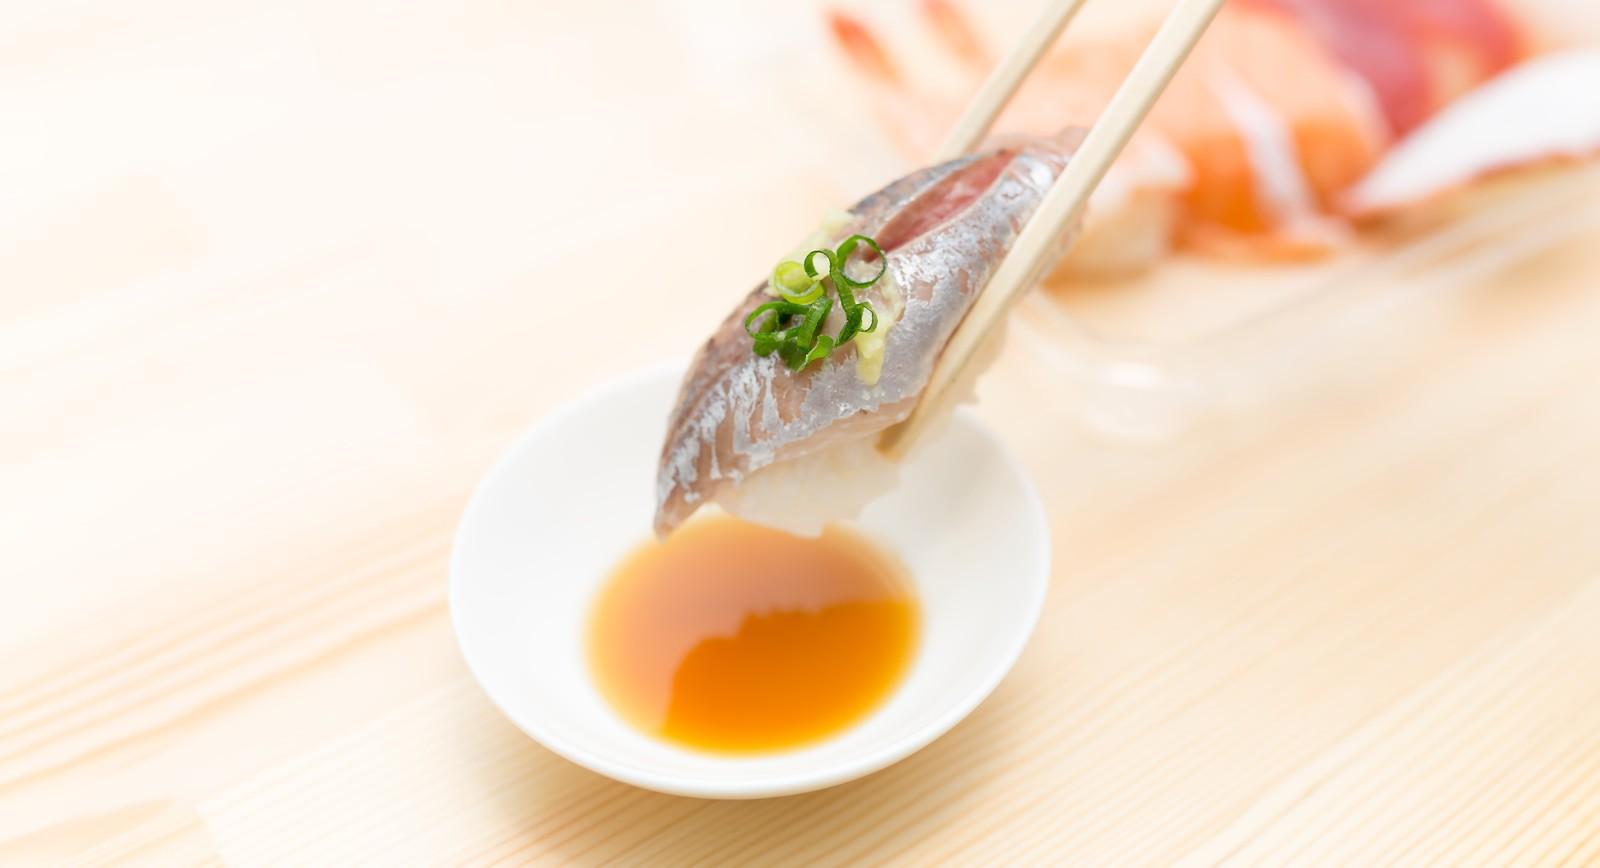 神楽坂でランチなら和食がおすすめ!人気店をランキングでご紹介!